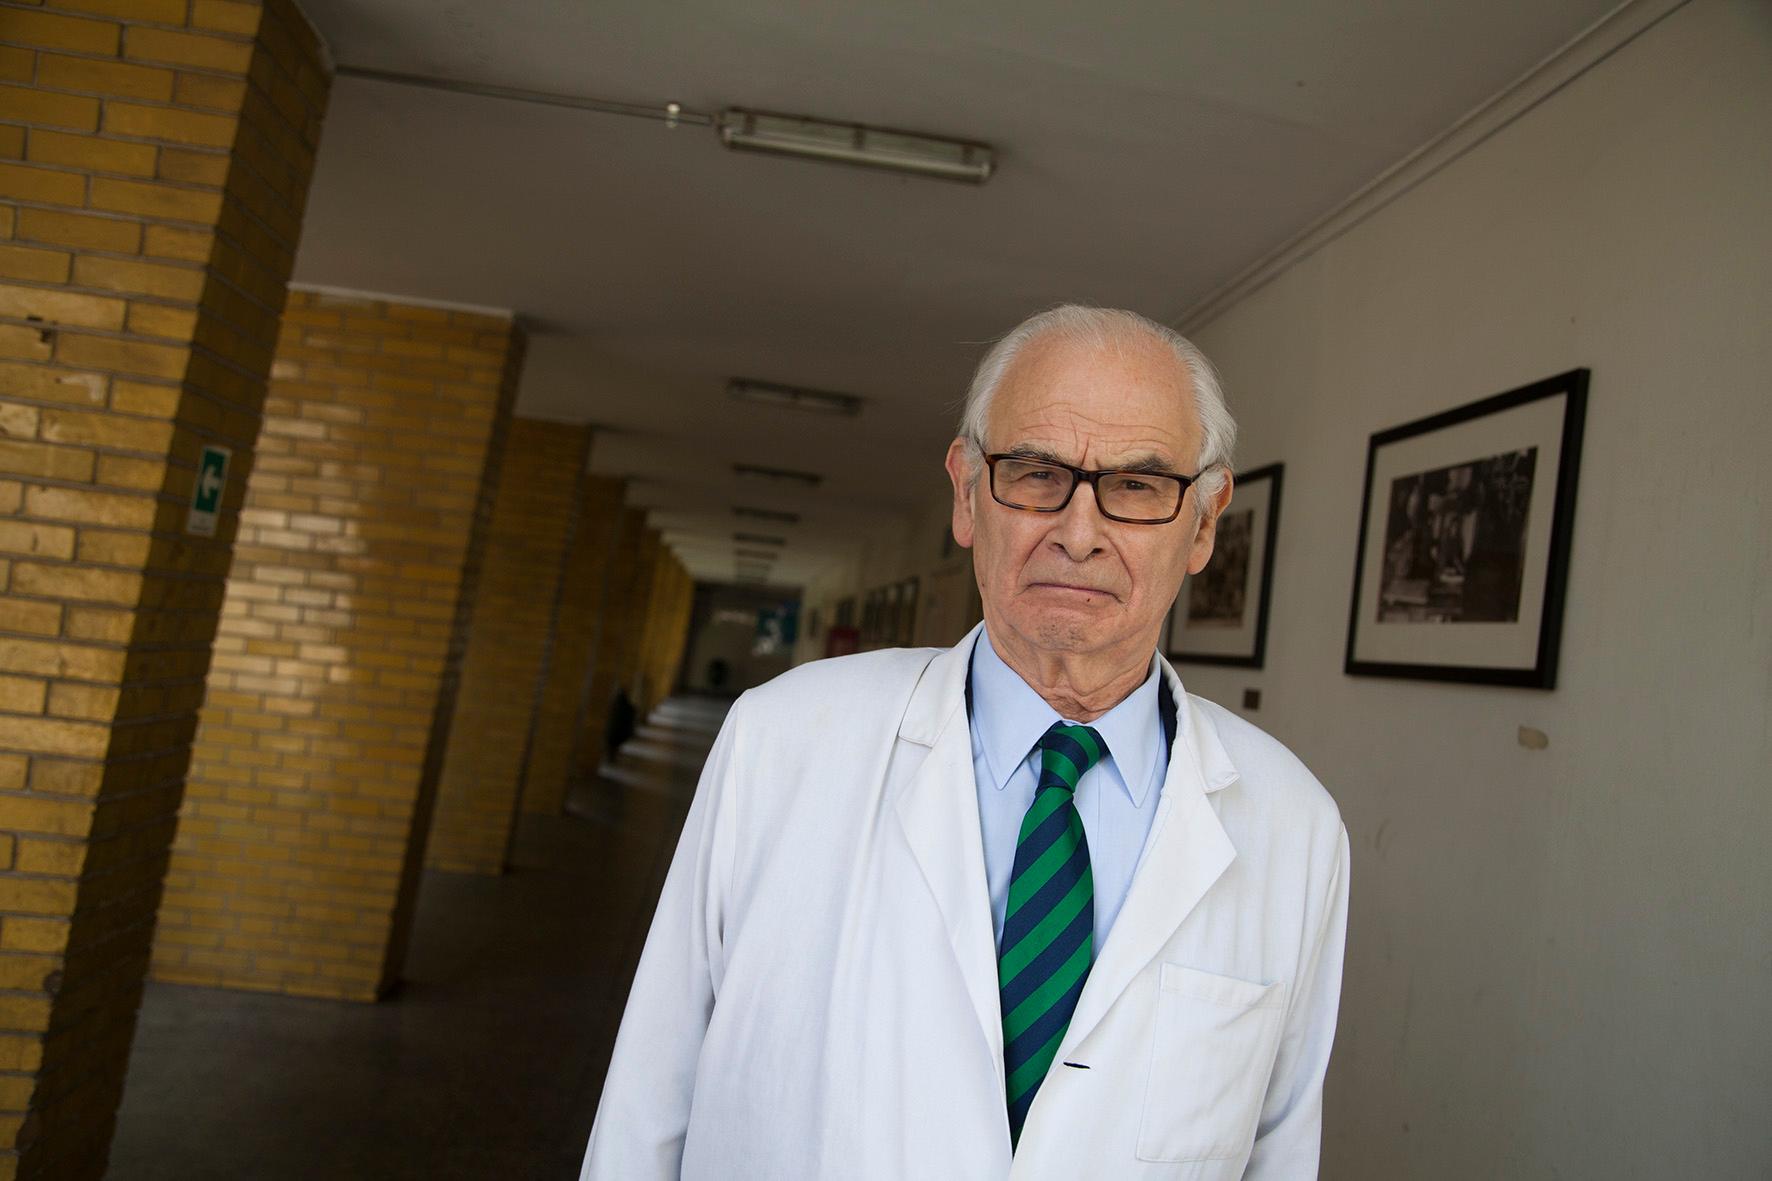 Por sus vínculos con Colonia Dignidad, suspenden Premio Nacional de Medicina a Otto Dörr